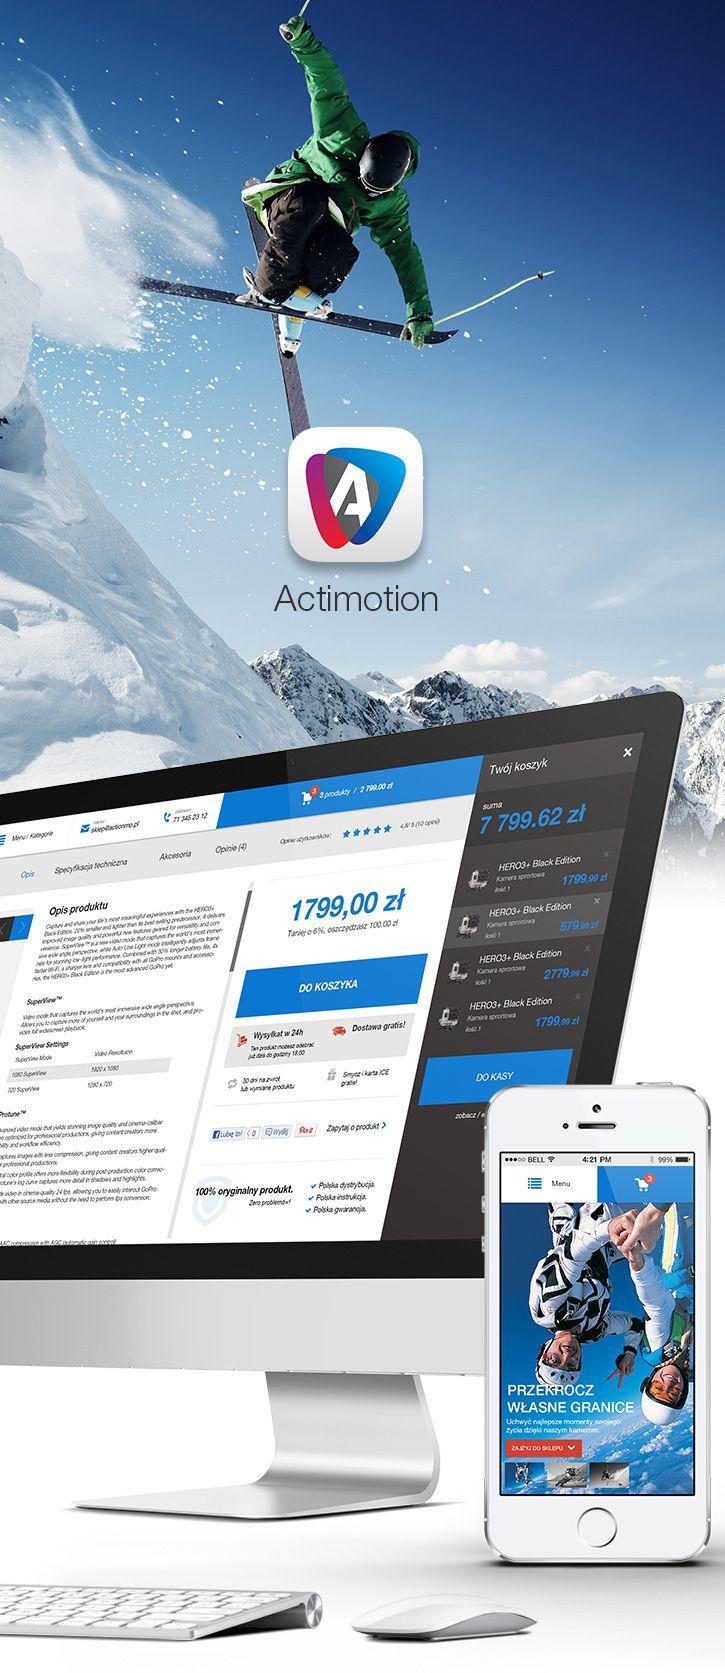 Actimotion – Different Online Shop, #Concept, #E_Commerce, #Flat, #Responsive, #Shopping, #Simple, #UX, #Web #Design